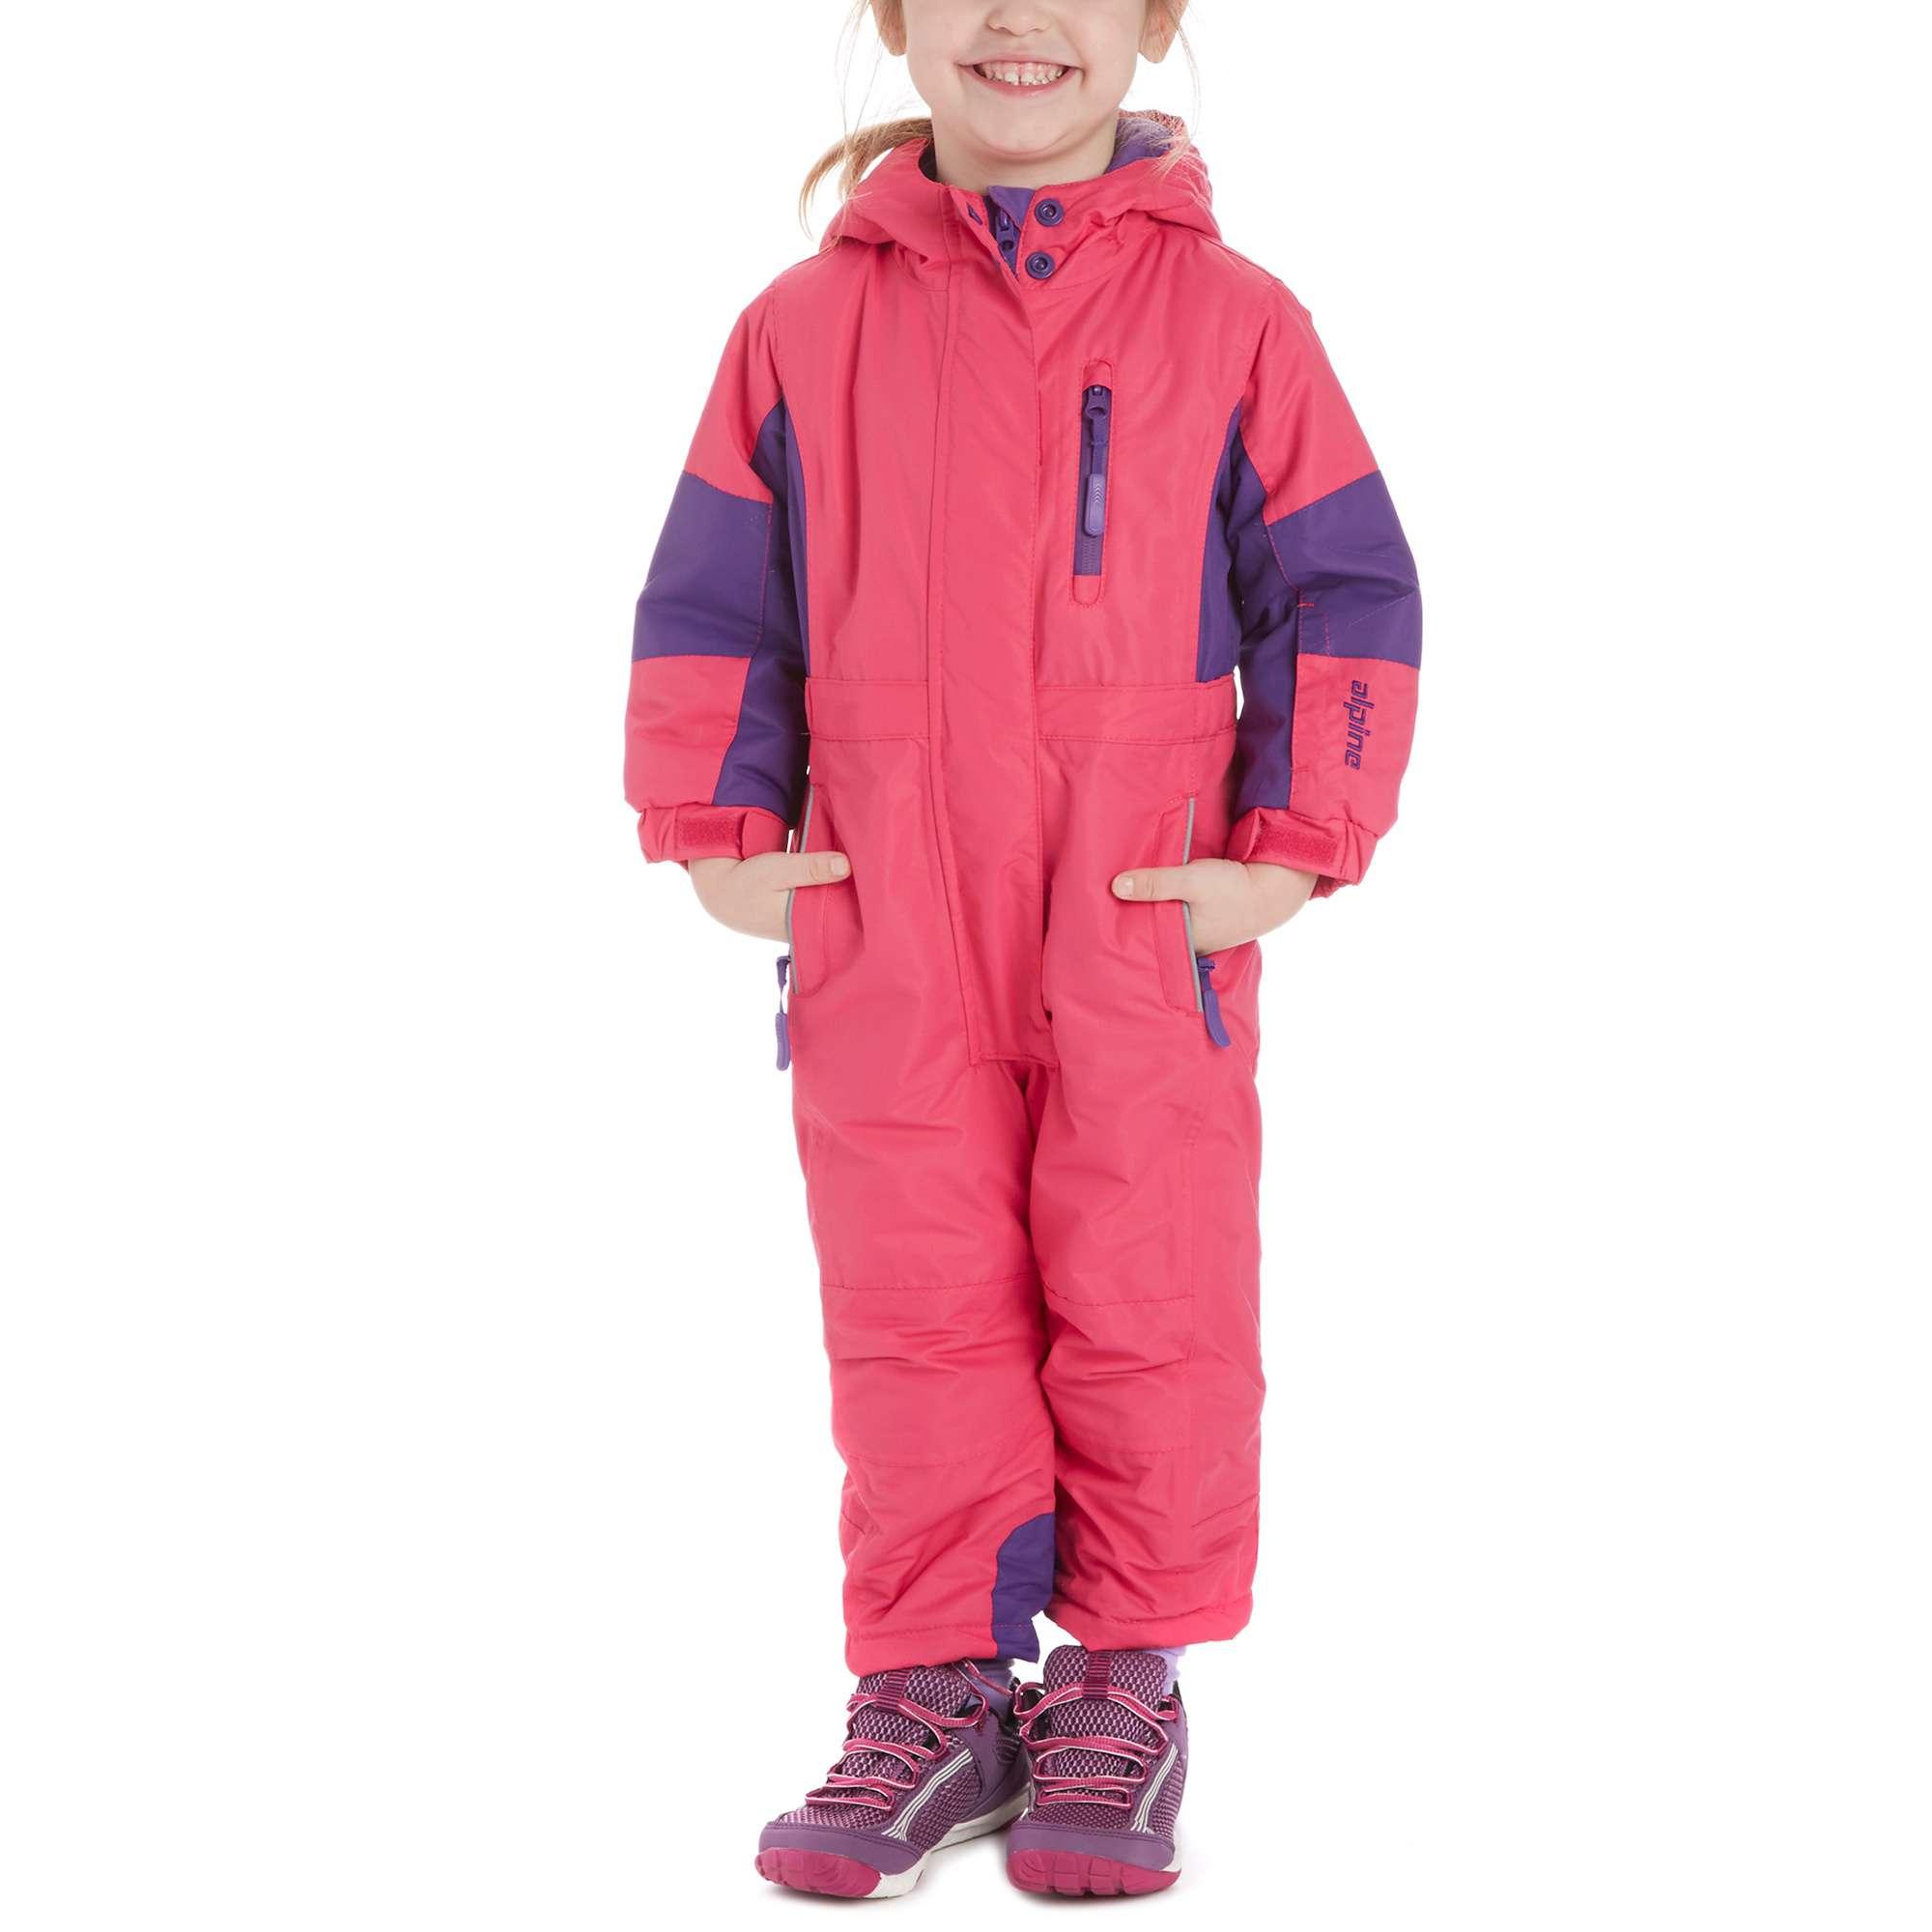 ALPINE Girls' Ski Suit